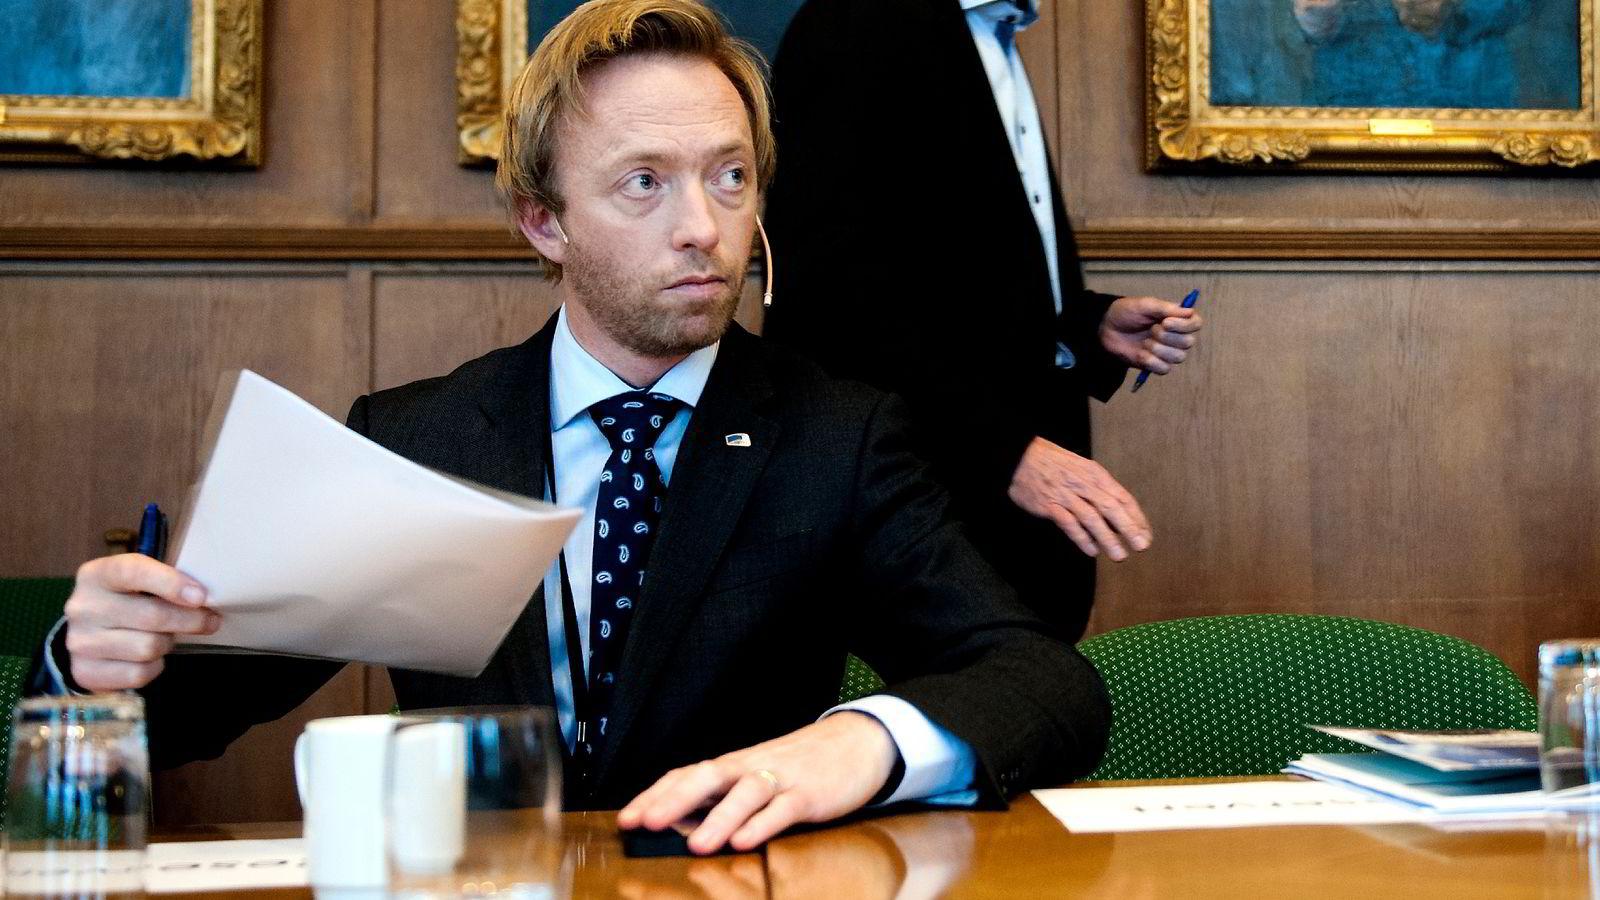 John-Ragnar Aarset går av som statssekretær for å bli ny generalsekretær i Høyre. Foto Melisa Fajkovic